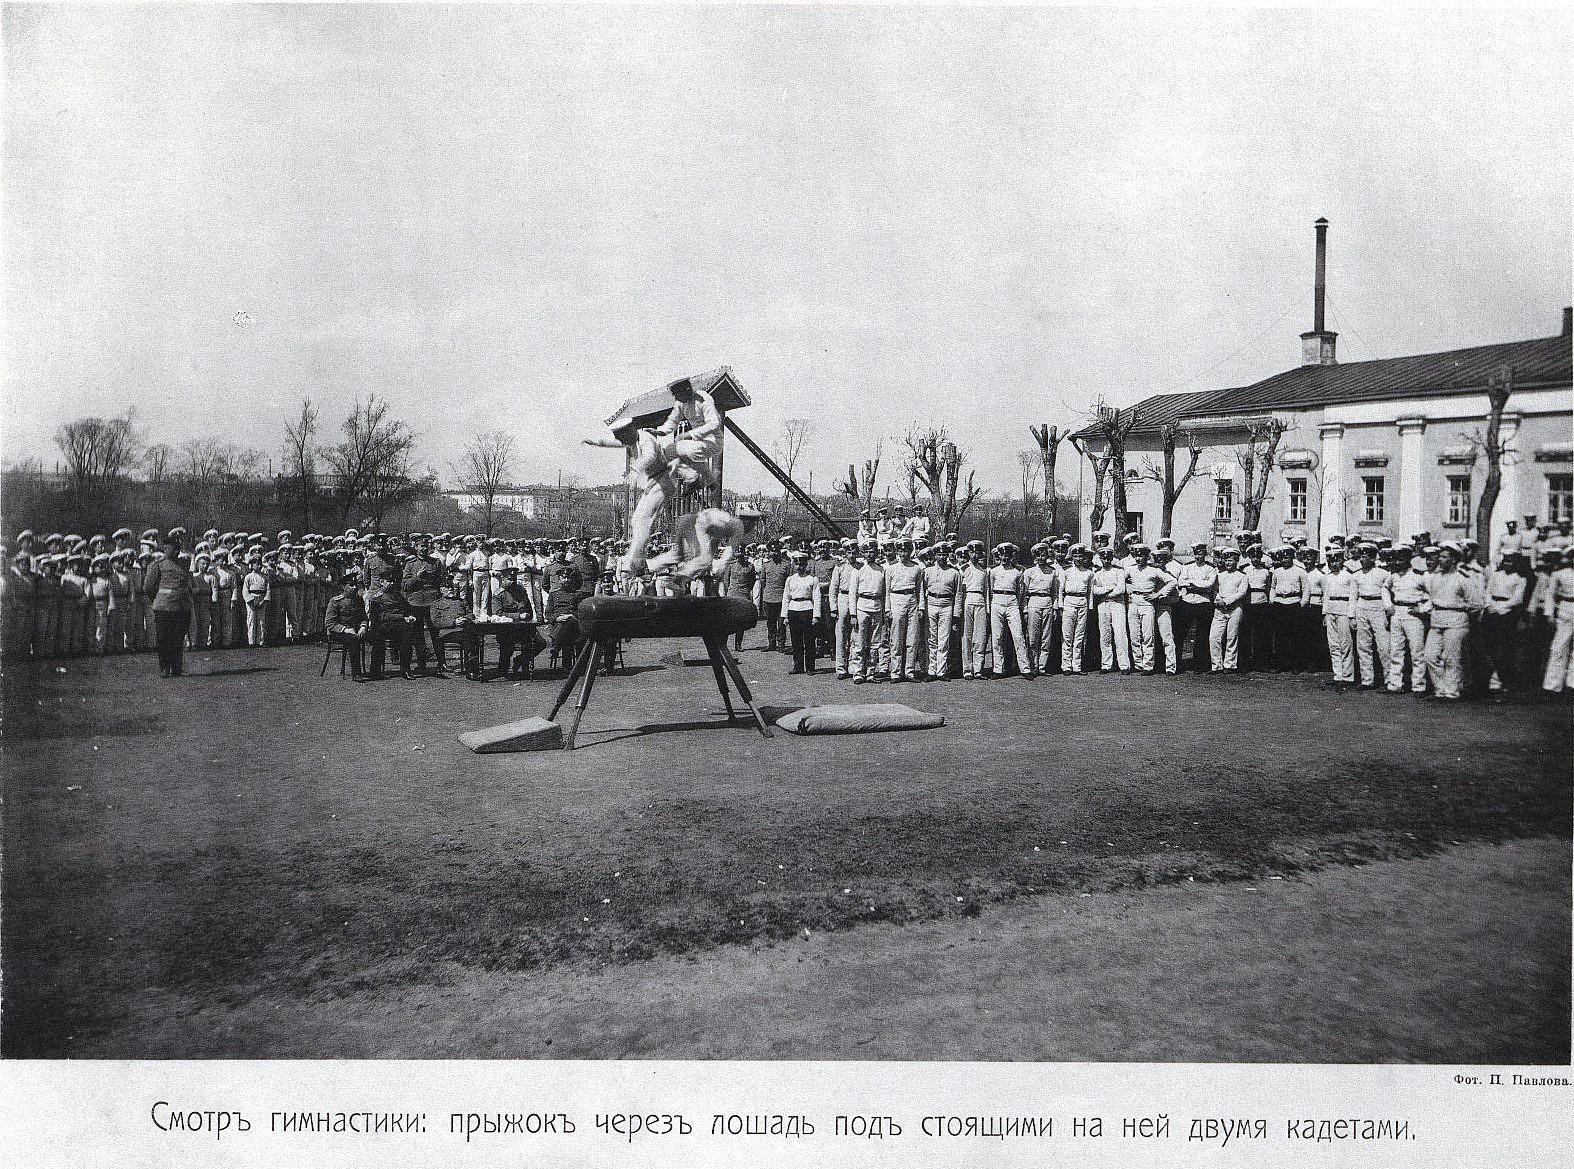 56. Смотр гимнастики. Прыжок через лошадь под стоящими на ней двумя кадетами